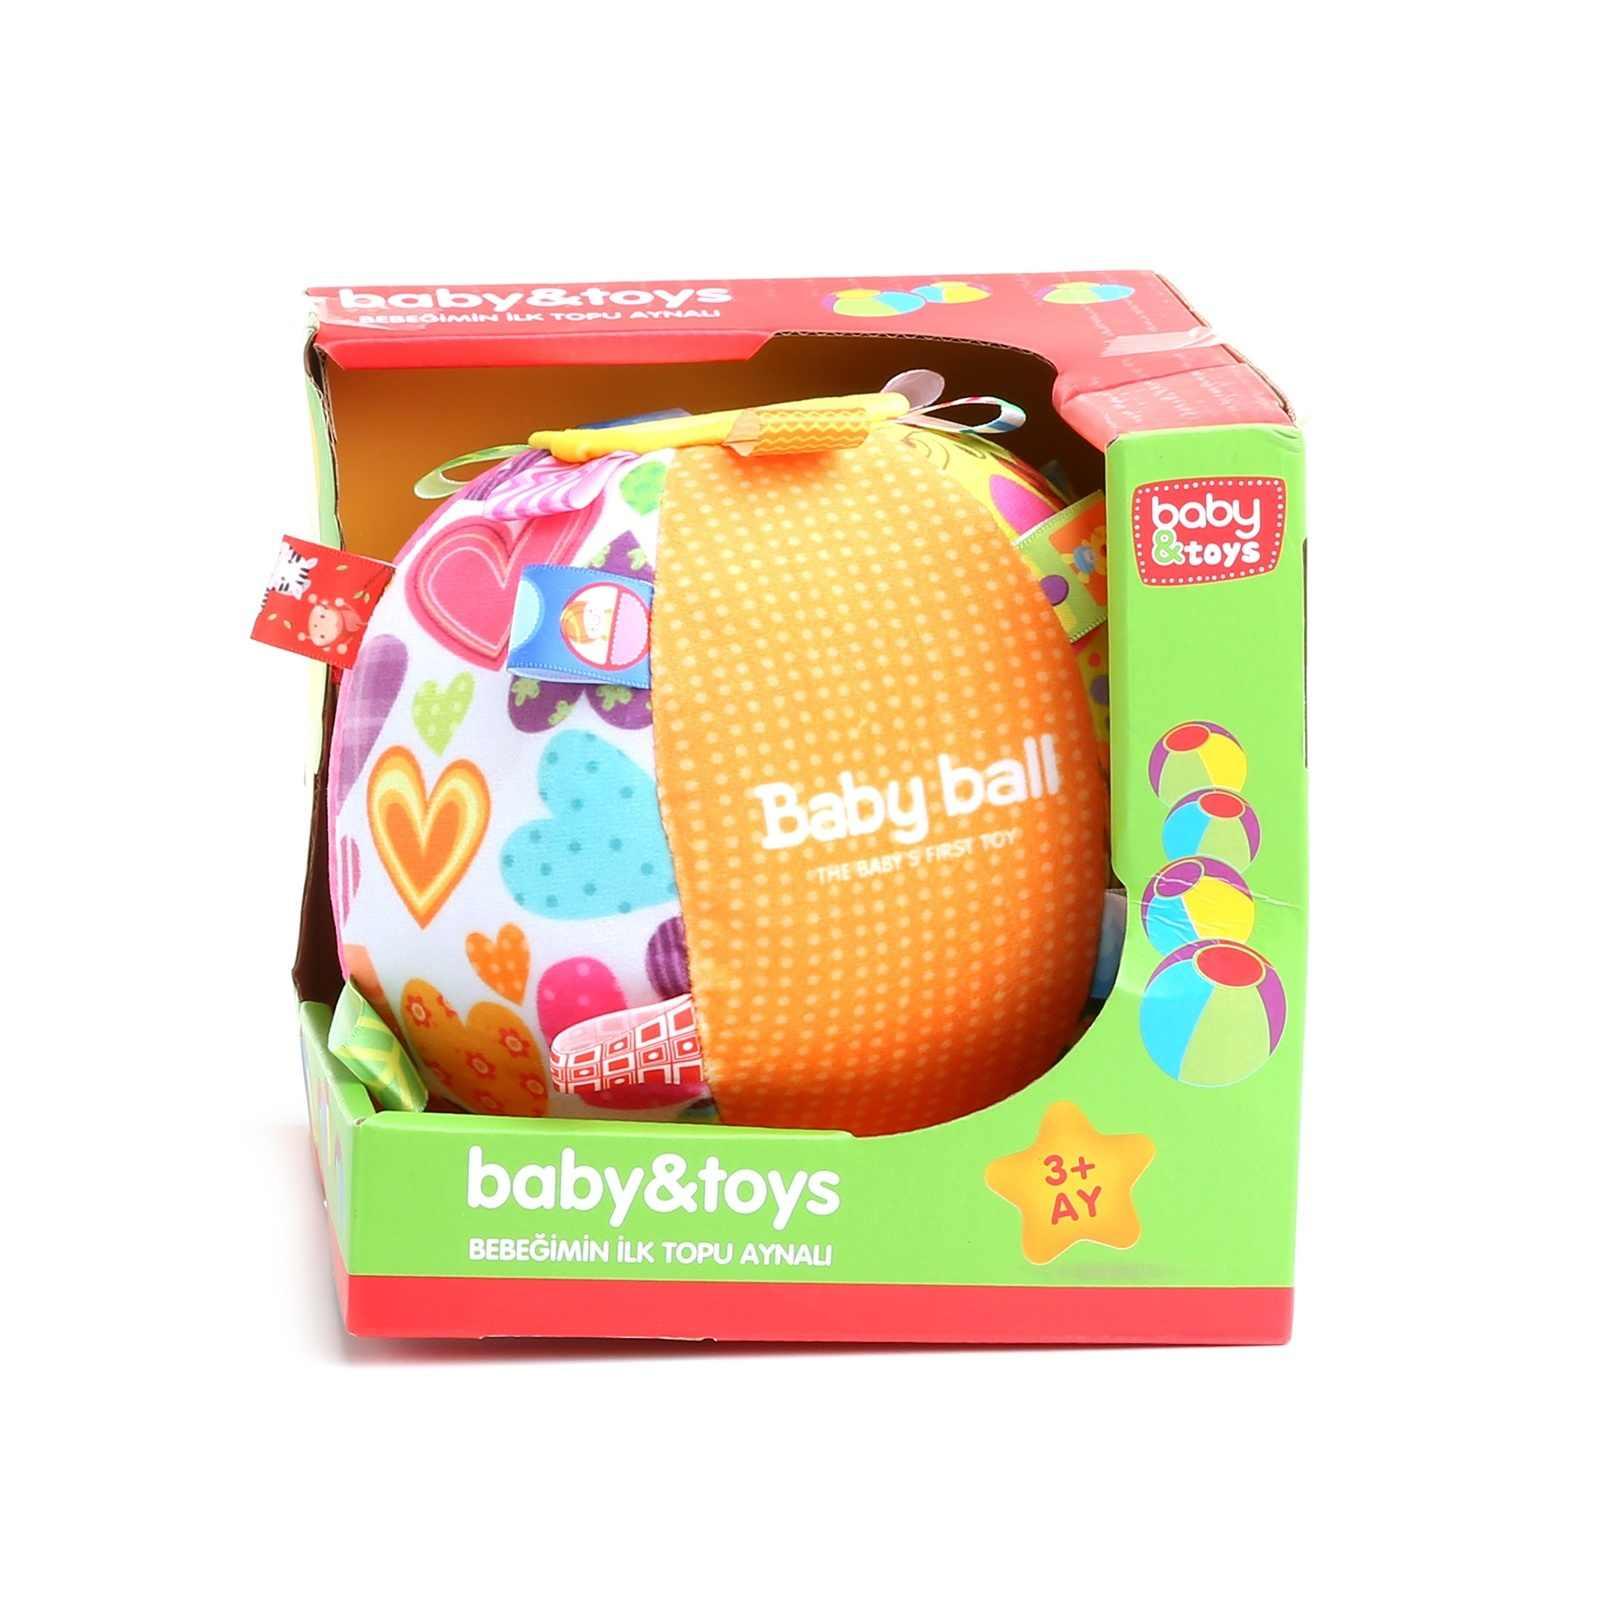 Детские игрушки ebebek, обучающая игрушка с первым мячом для малышей, игрушечное зеркало для укладки кубиков для малышей, игрушки для малышей 13, 24 месяца, игрушки для укладки